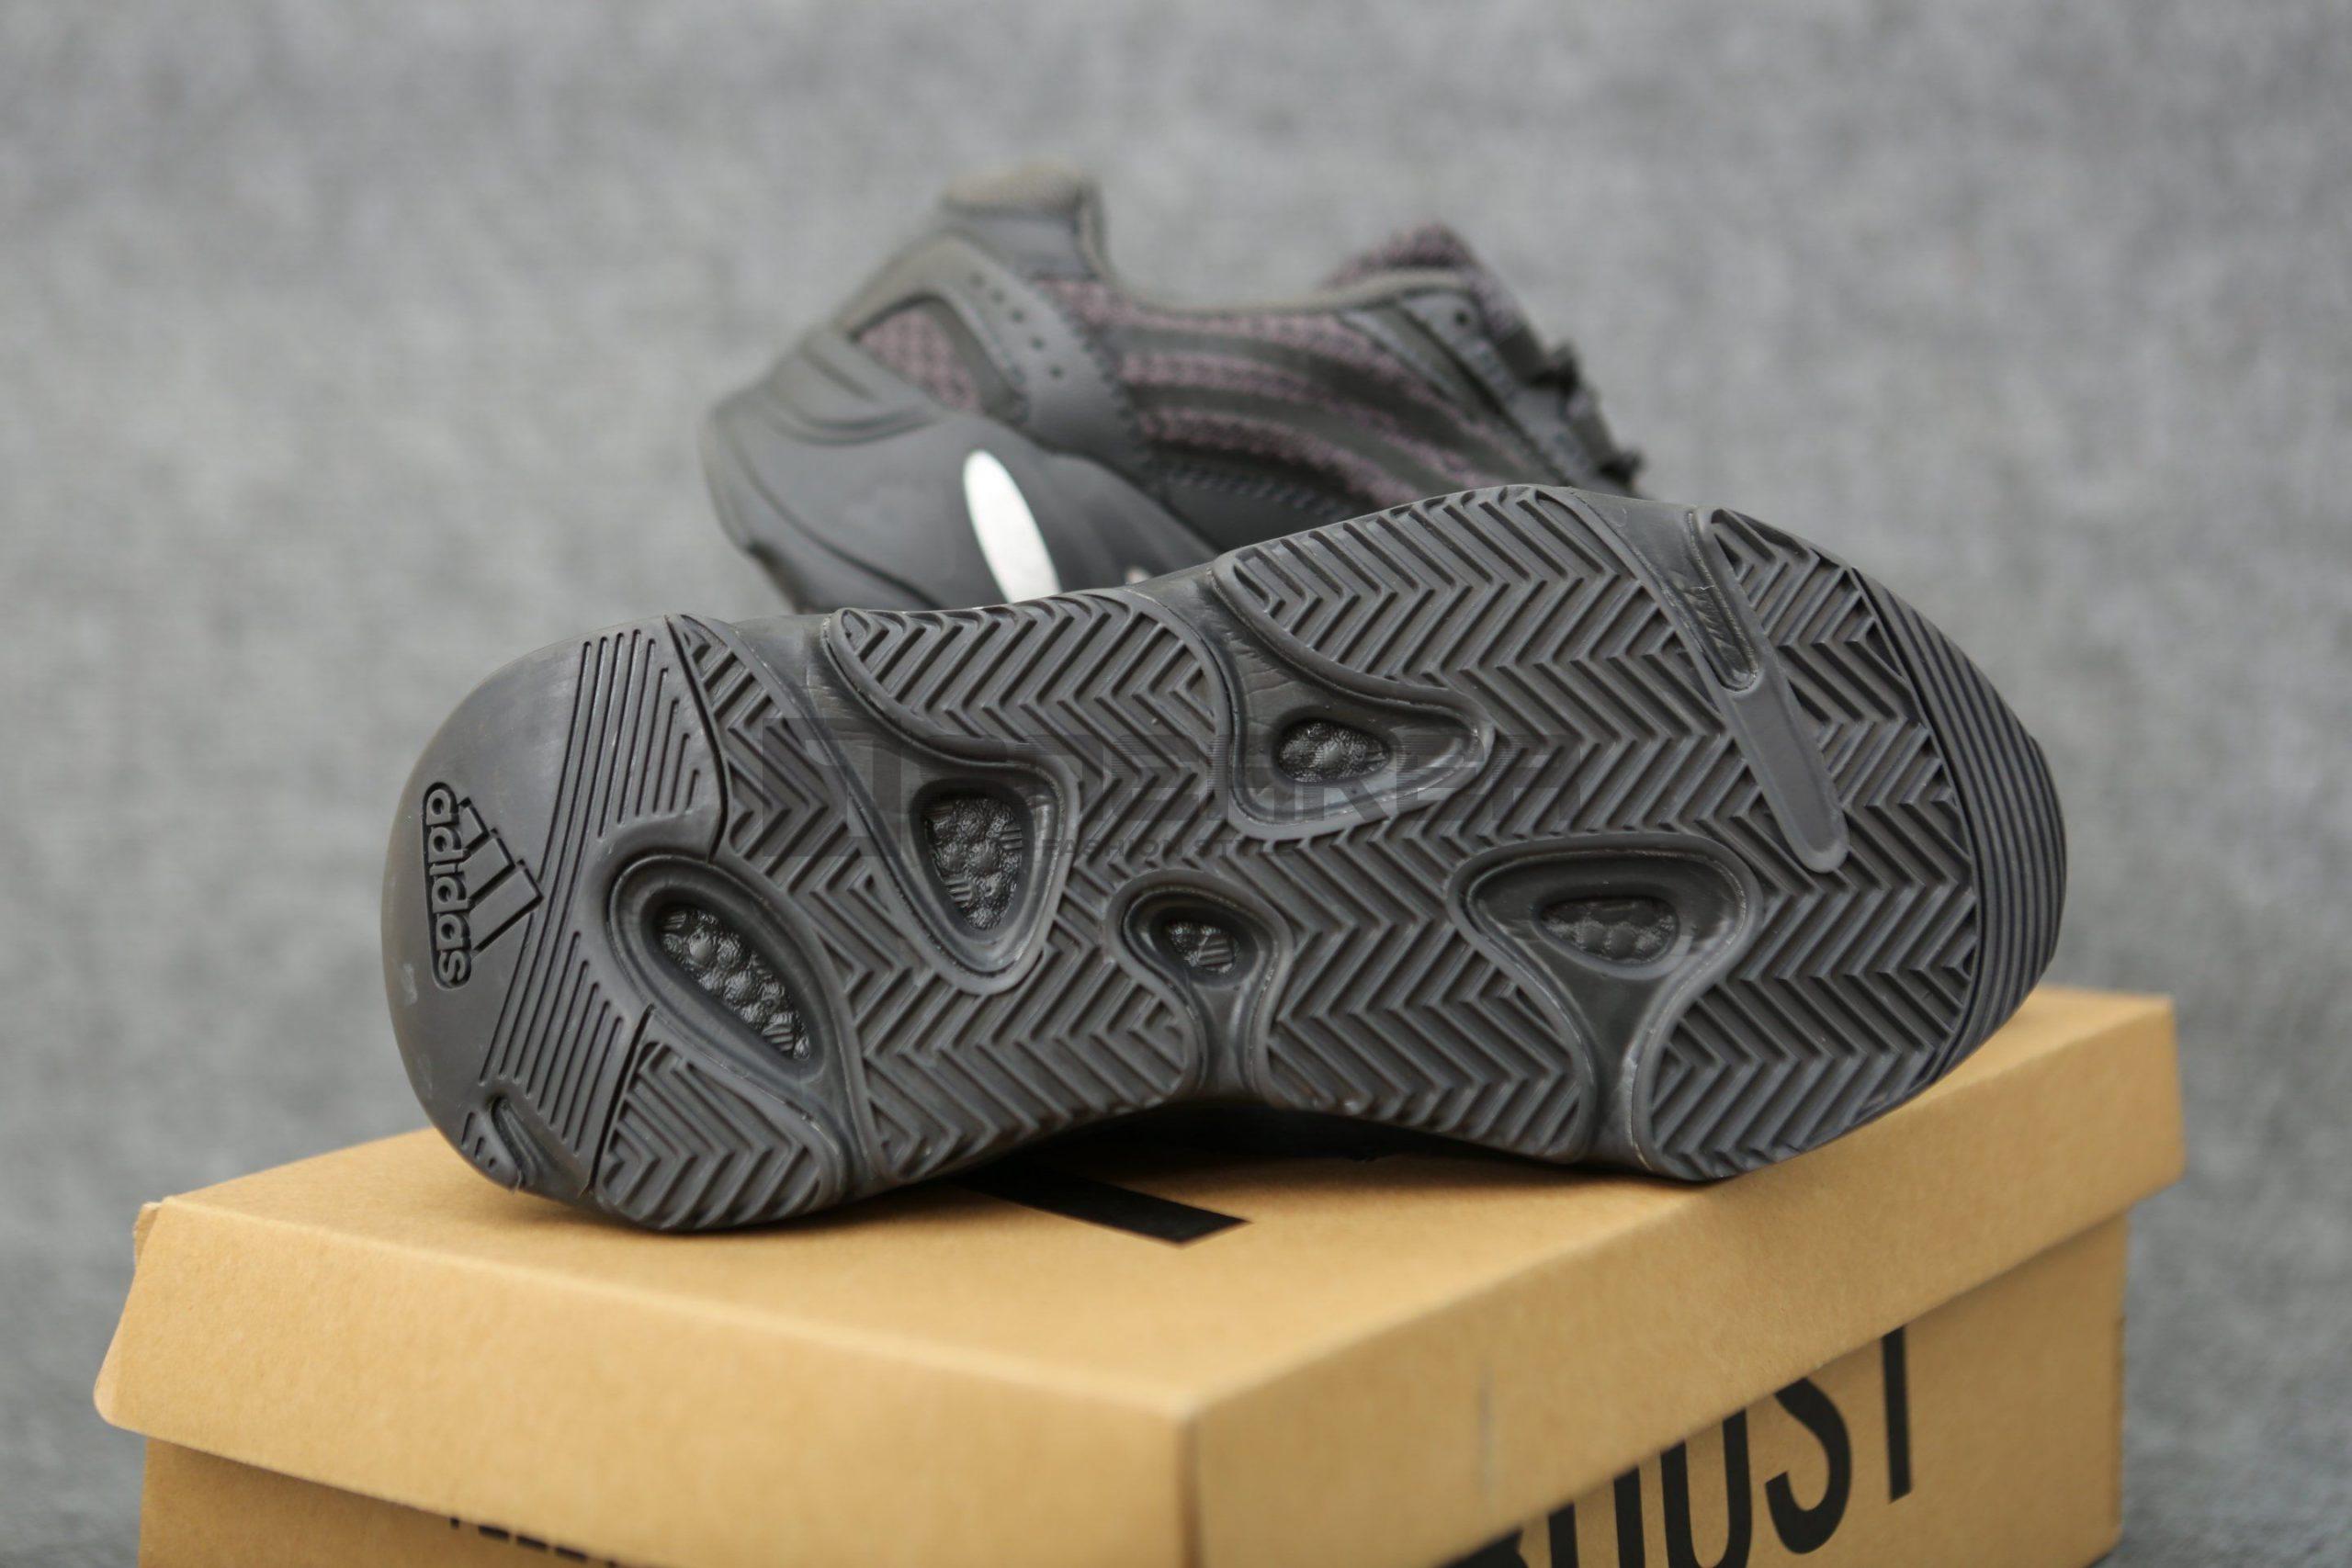 Adidas Yeezy Đen V2 700 Vanta Black mặt đế